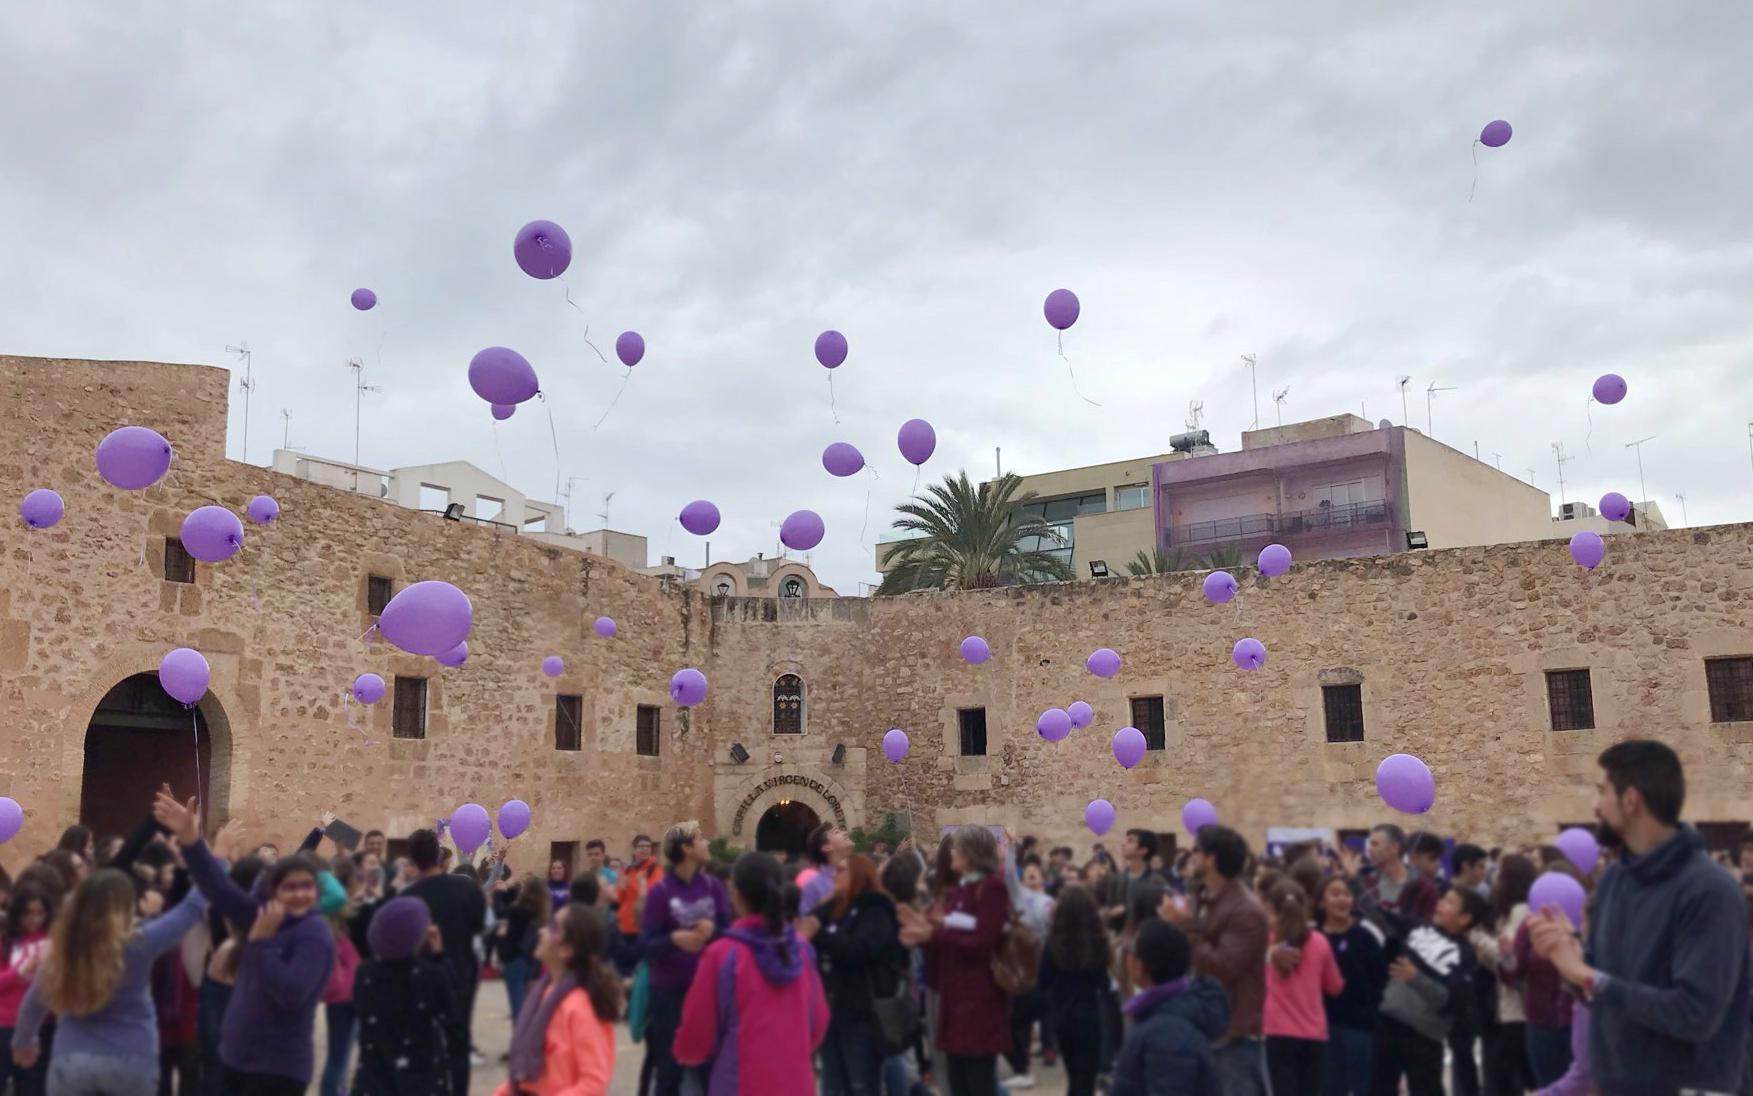 El Castillo Fortaleza acoge los actos del 25N rodeado de talleres, poesía y un manifiesto contra todas las violencias machistas